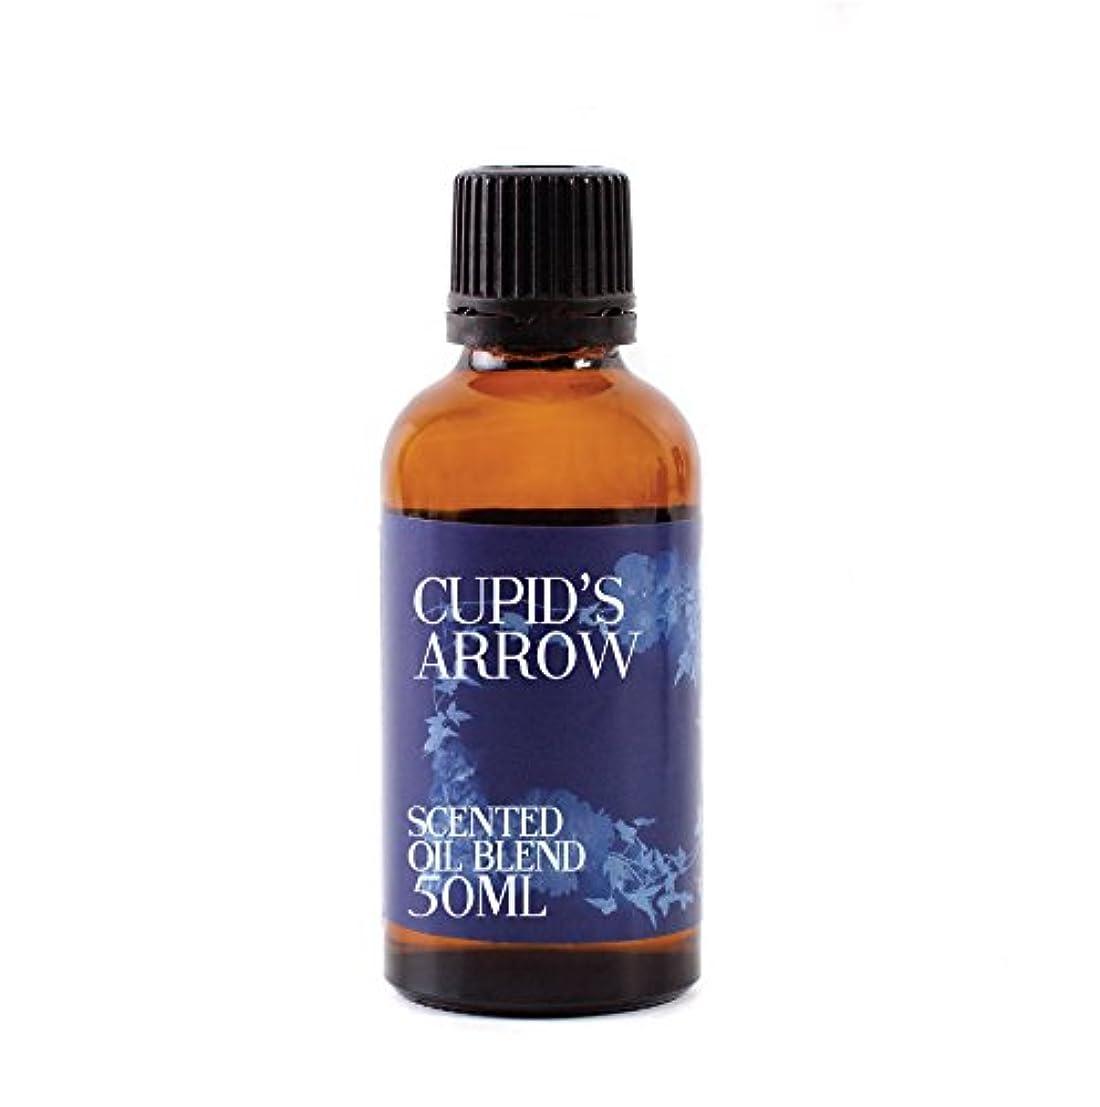 先生津波おしゃれじゃないMystic Moments | Cupid's Arrow - Scented Oil Blend - 50ml